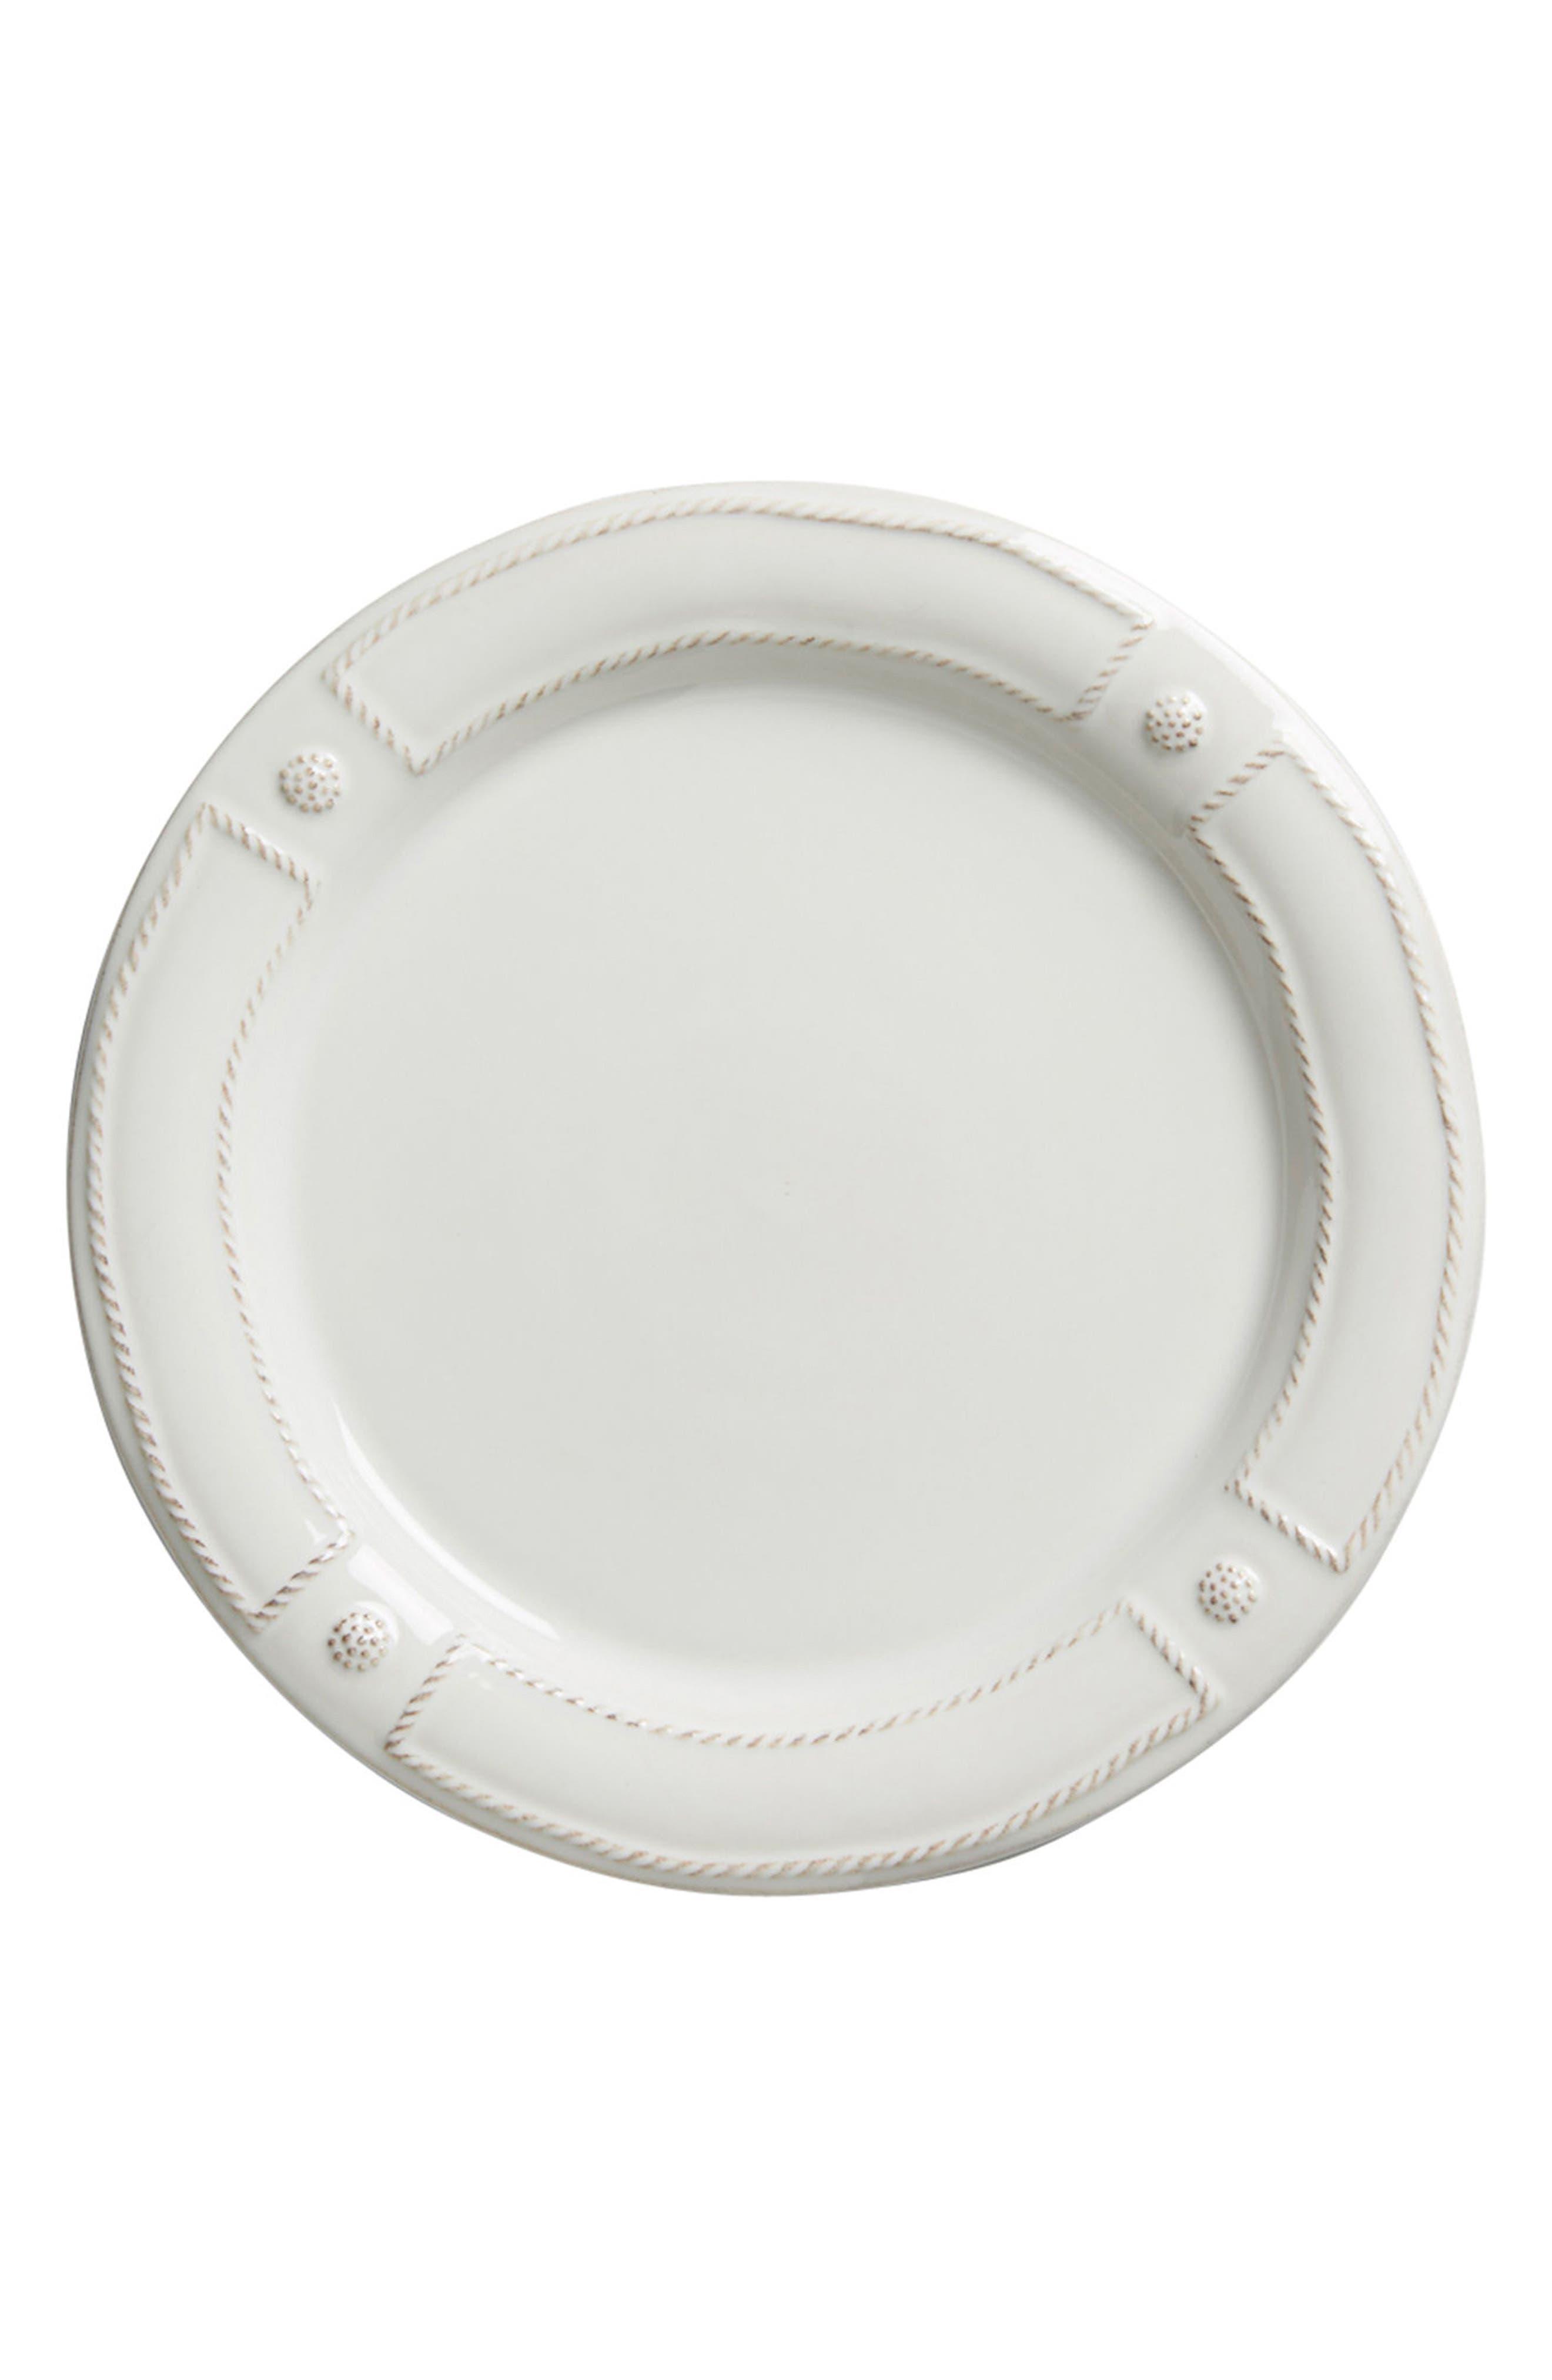 Juliska Berry & Thread Dinner Plate